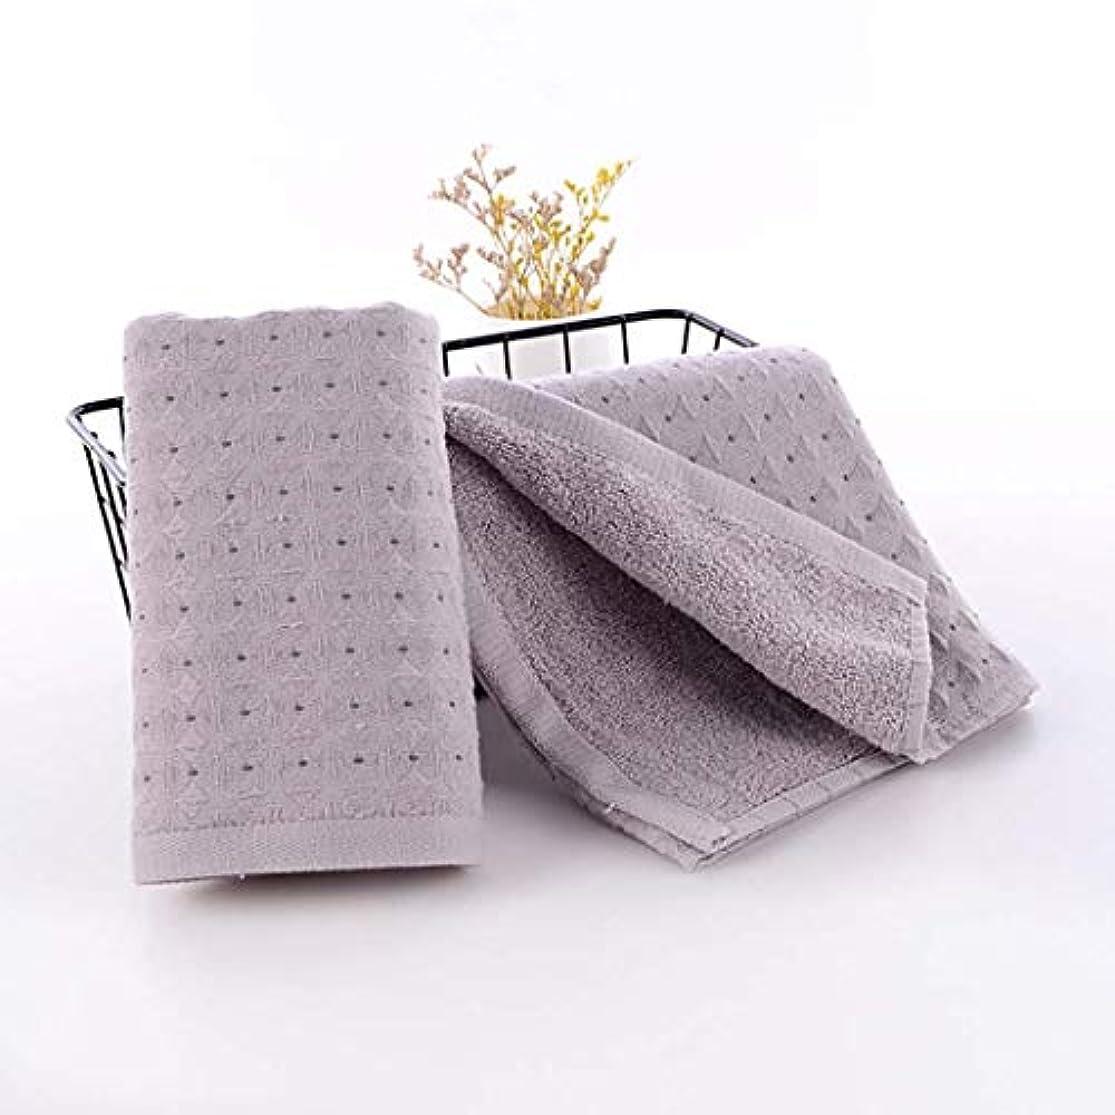 教養があるインシュレータ谷綿のハンドタオルの速い乾燥したタオルの速い乾燥したタオル,Gray,34*75cm